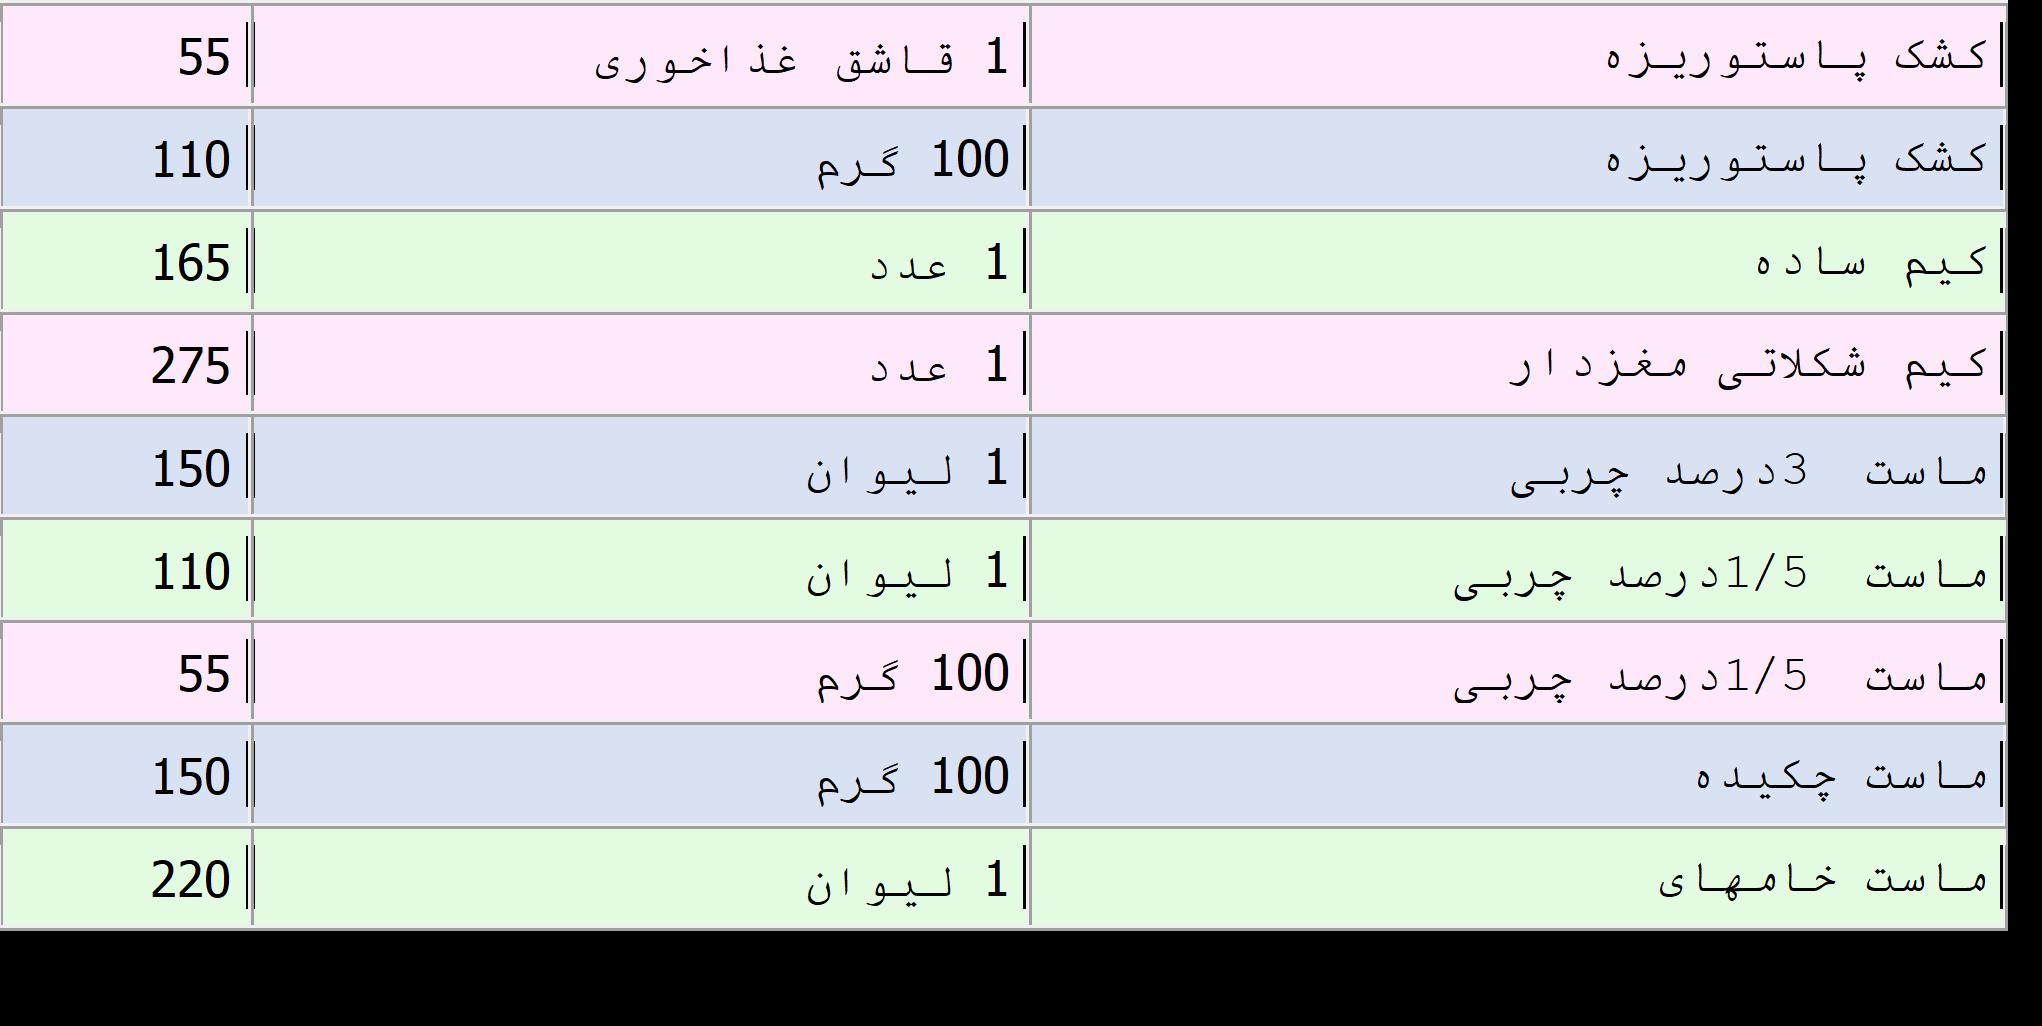 جدول-کالری-انواع-لبنیات-پروتئینی-و-بستنی-ها2.